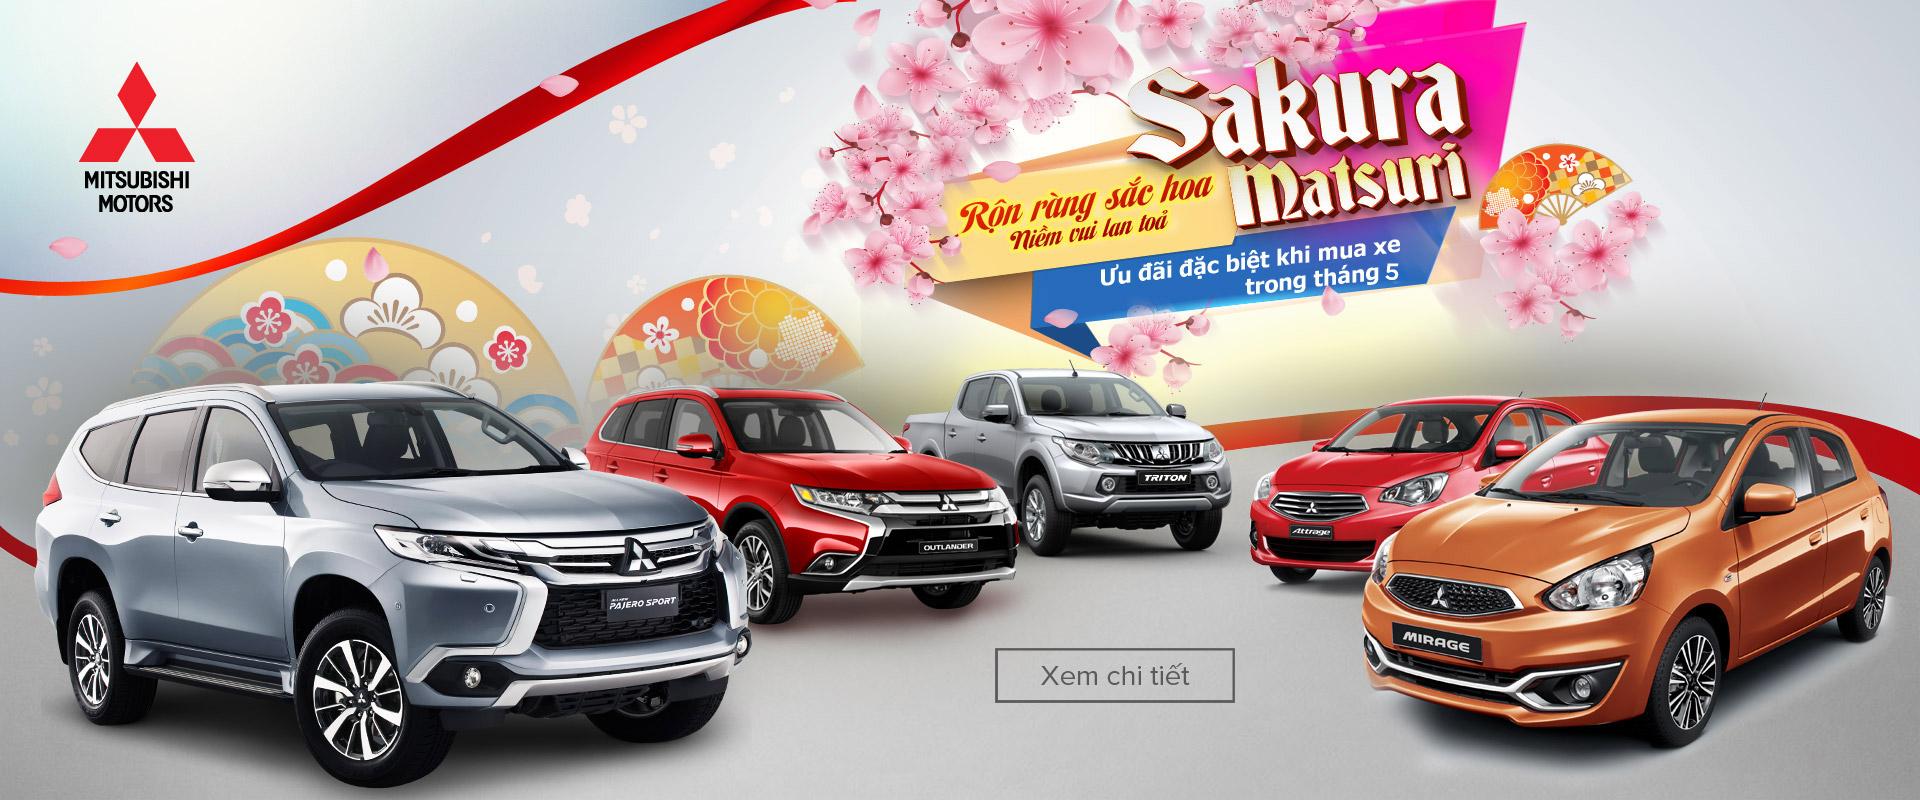 """Promotion in May 2017 """"Sakura Matsuri, Fully Blossom - Fully Joy"""""""